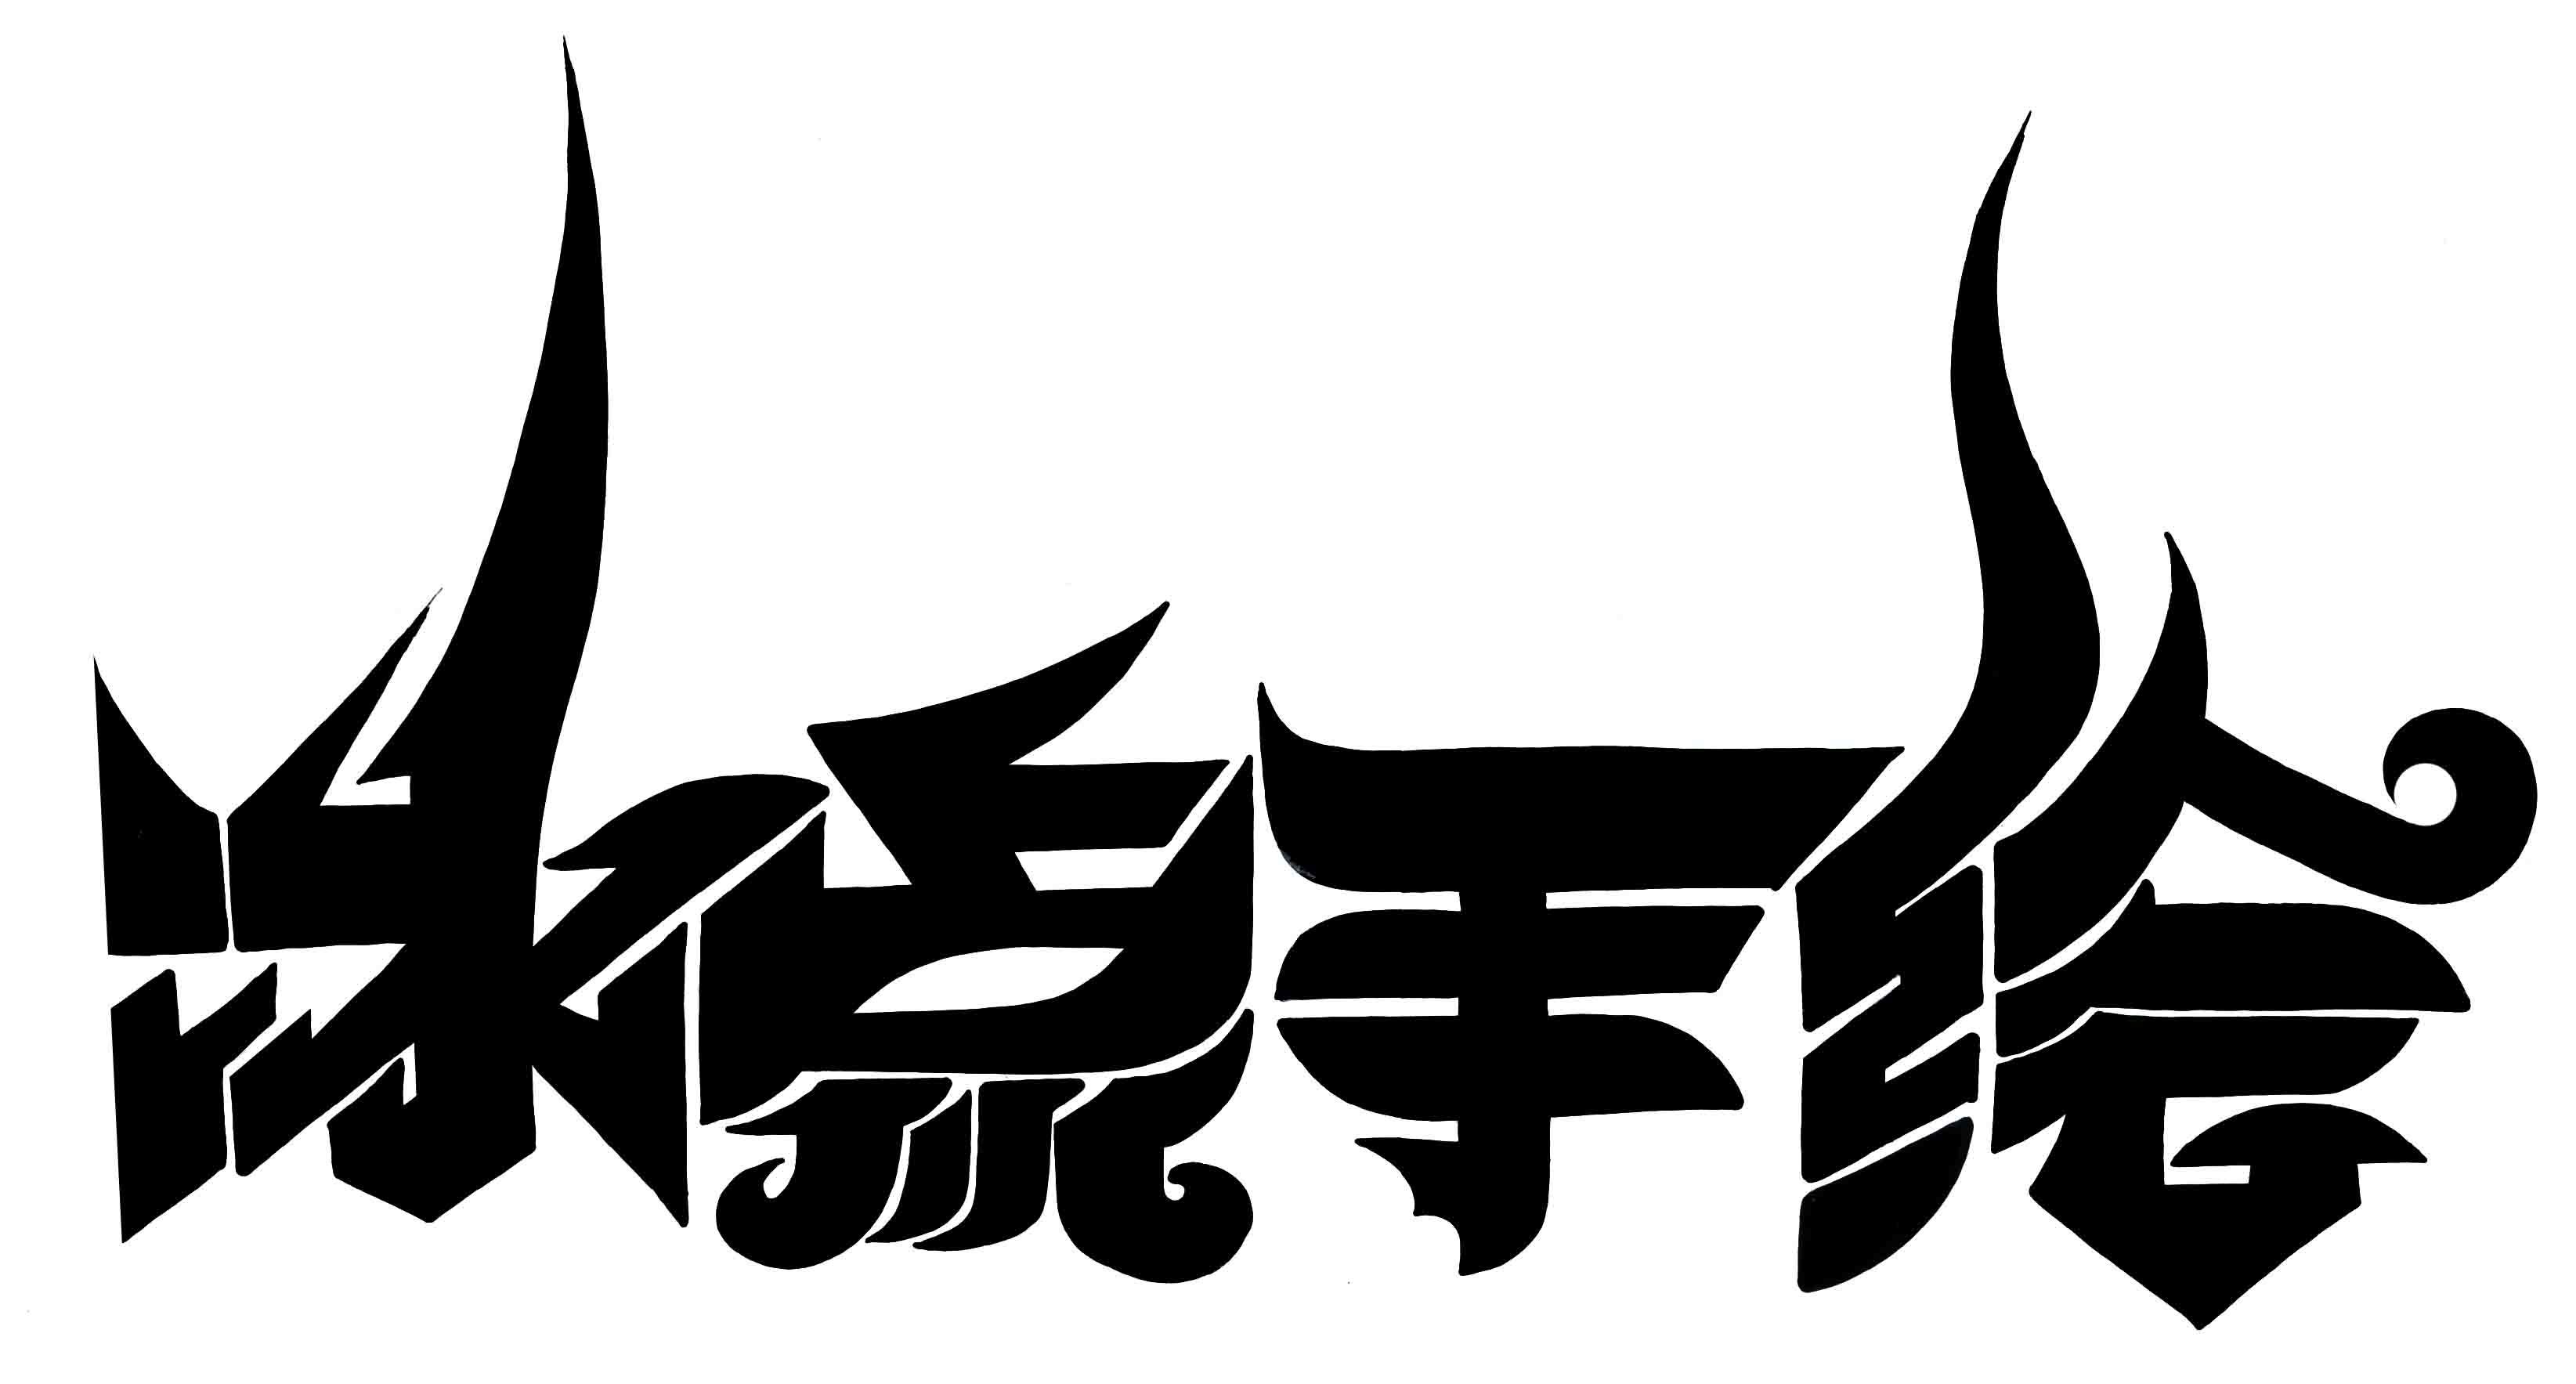 纯手绘涂鸦可爱/超酷字体设计